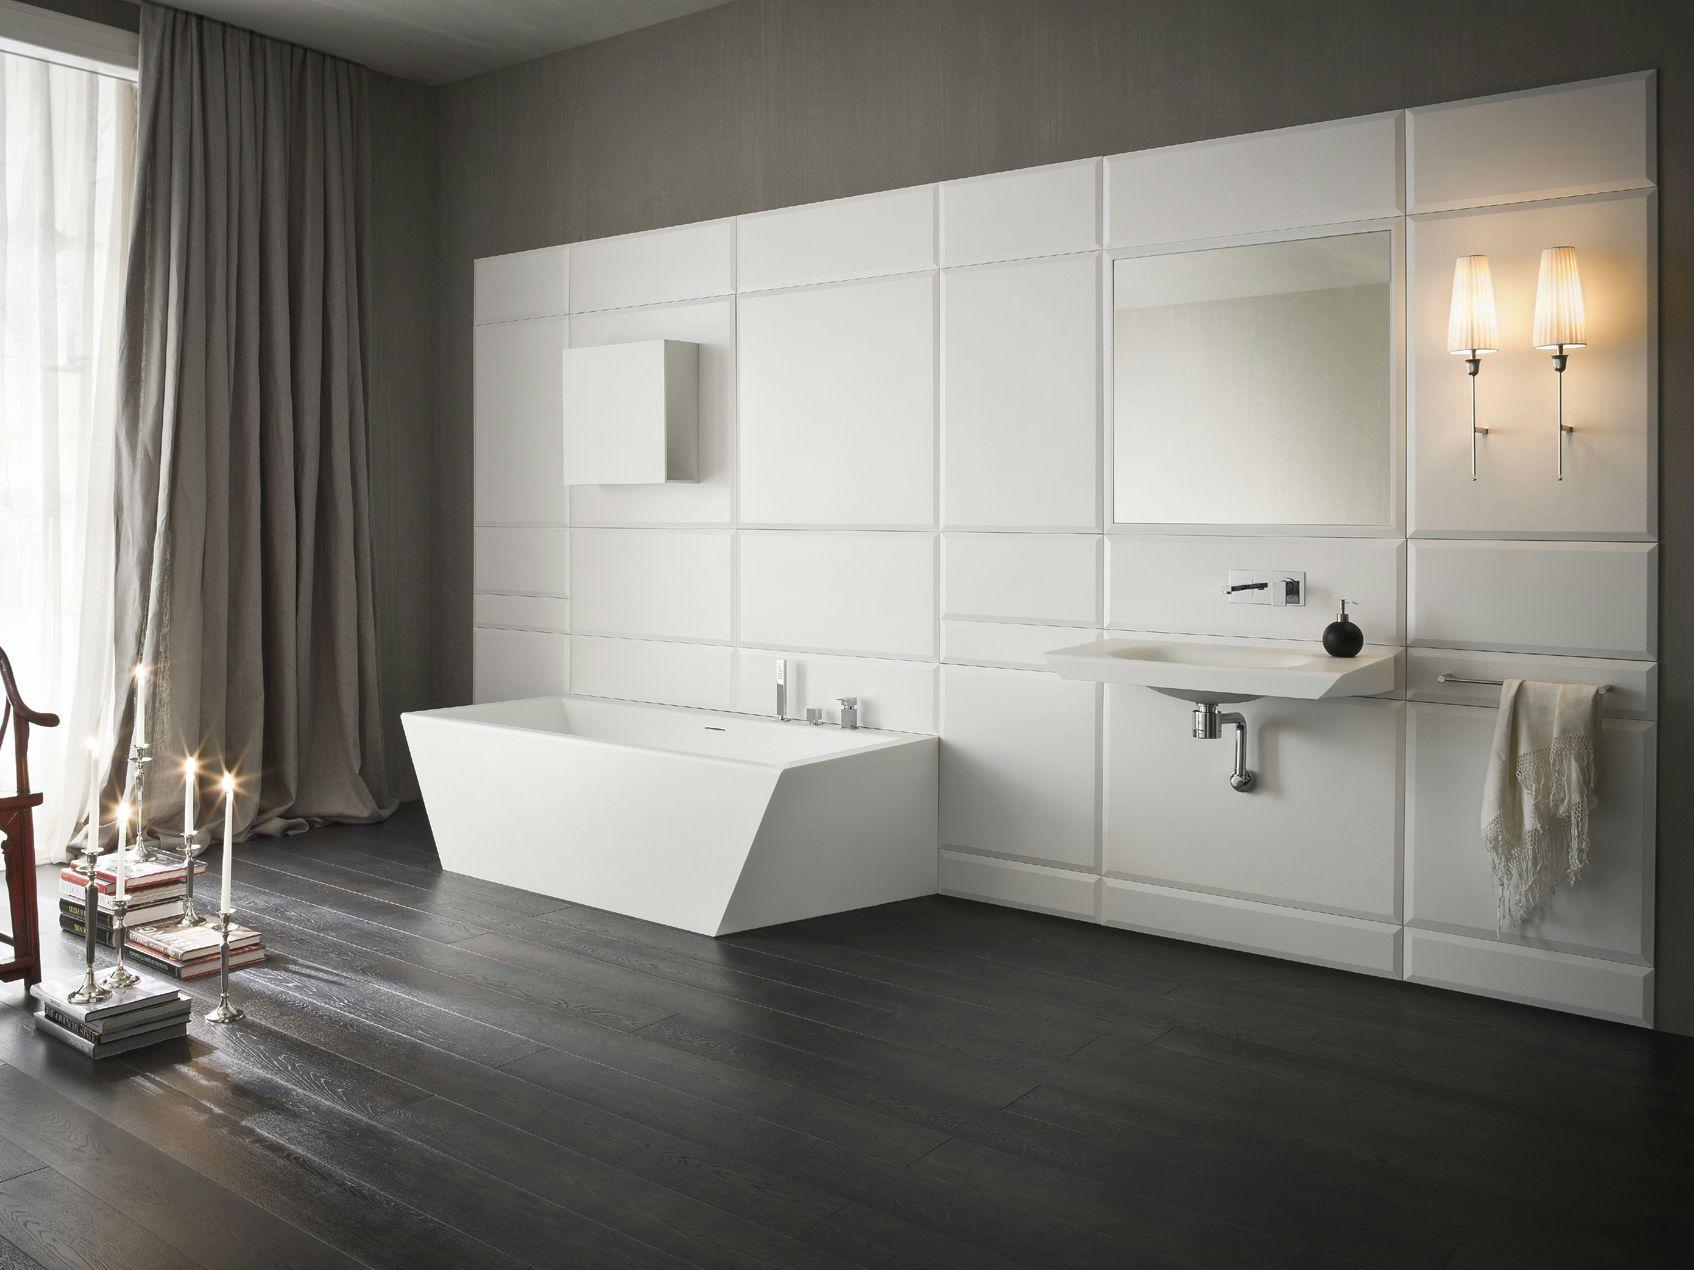 Vasca Da Bagno Freestanding Corian : Arredo bagno completo in corian warp arredo bagno completo